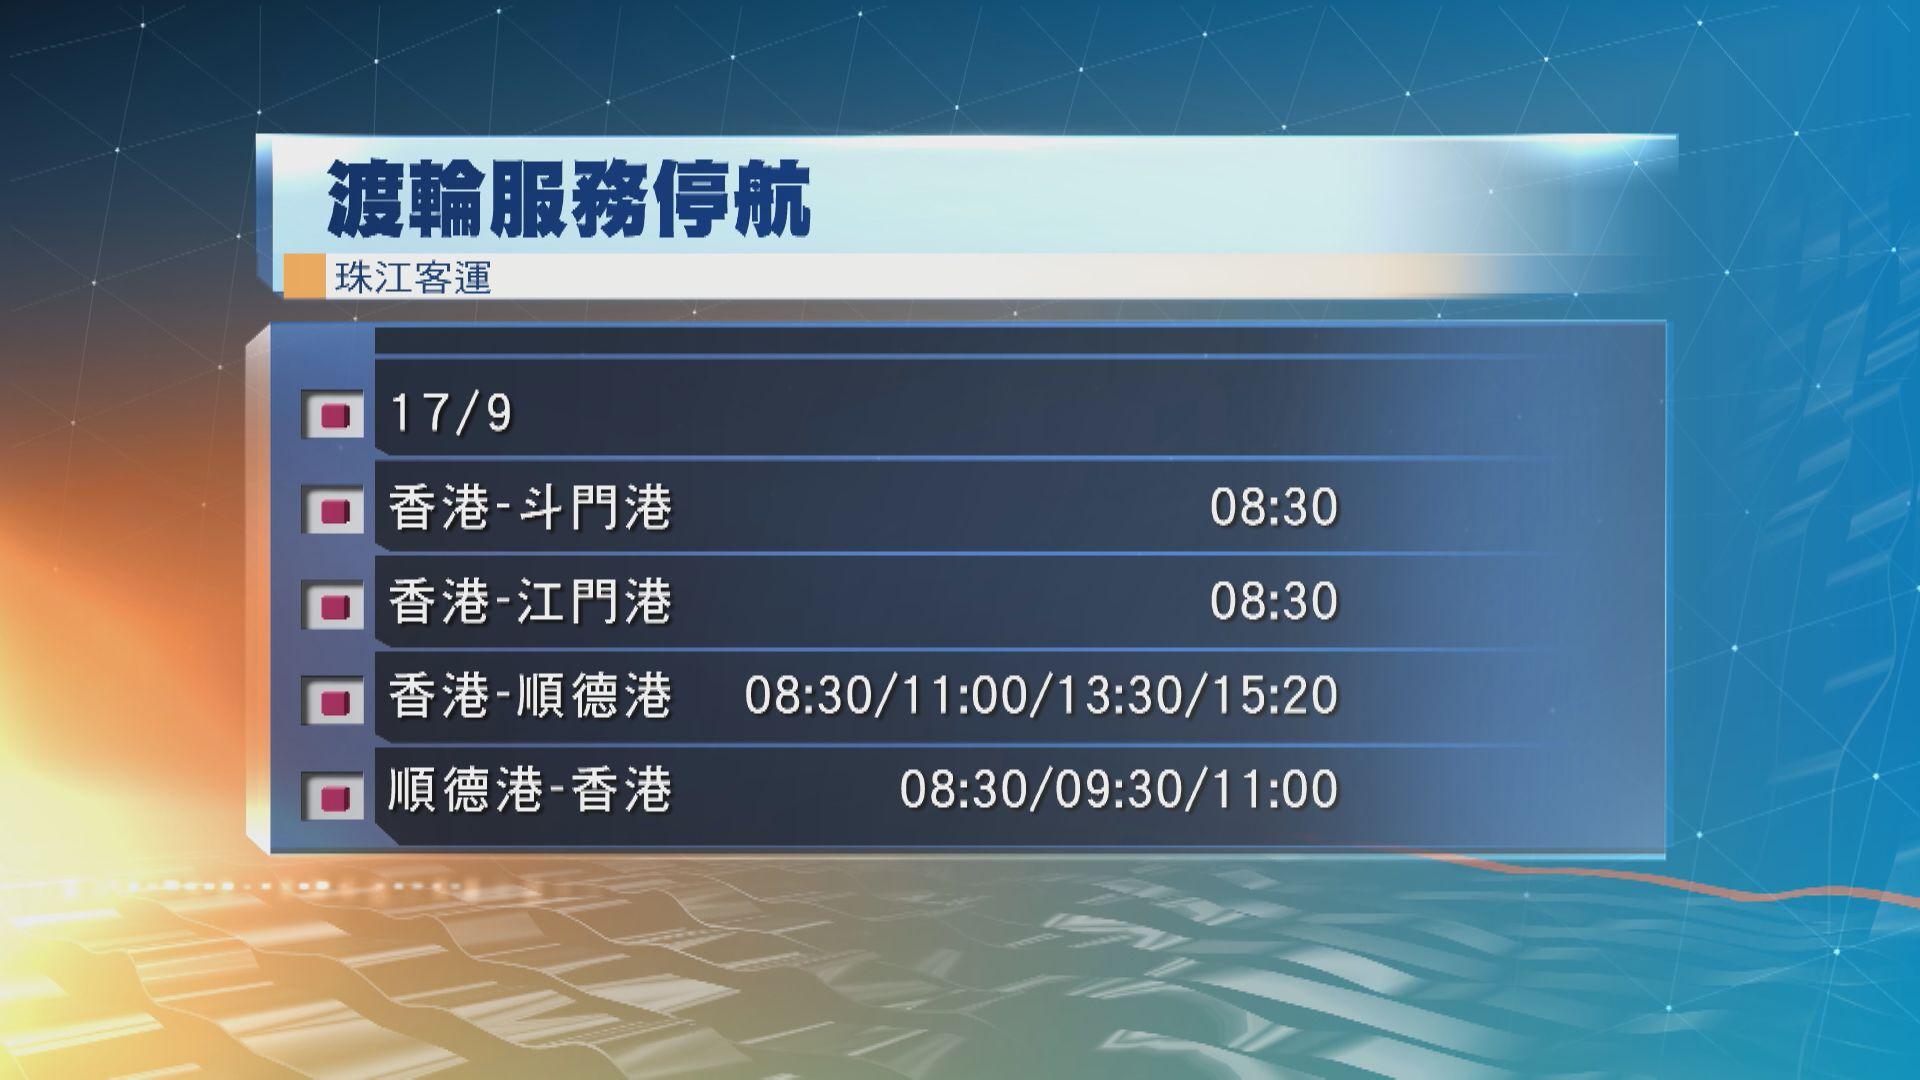 受颱風山竹影響 海上交通陸續停航